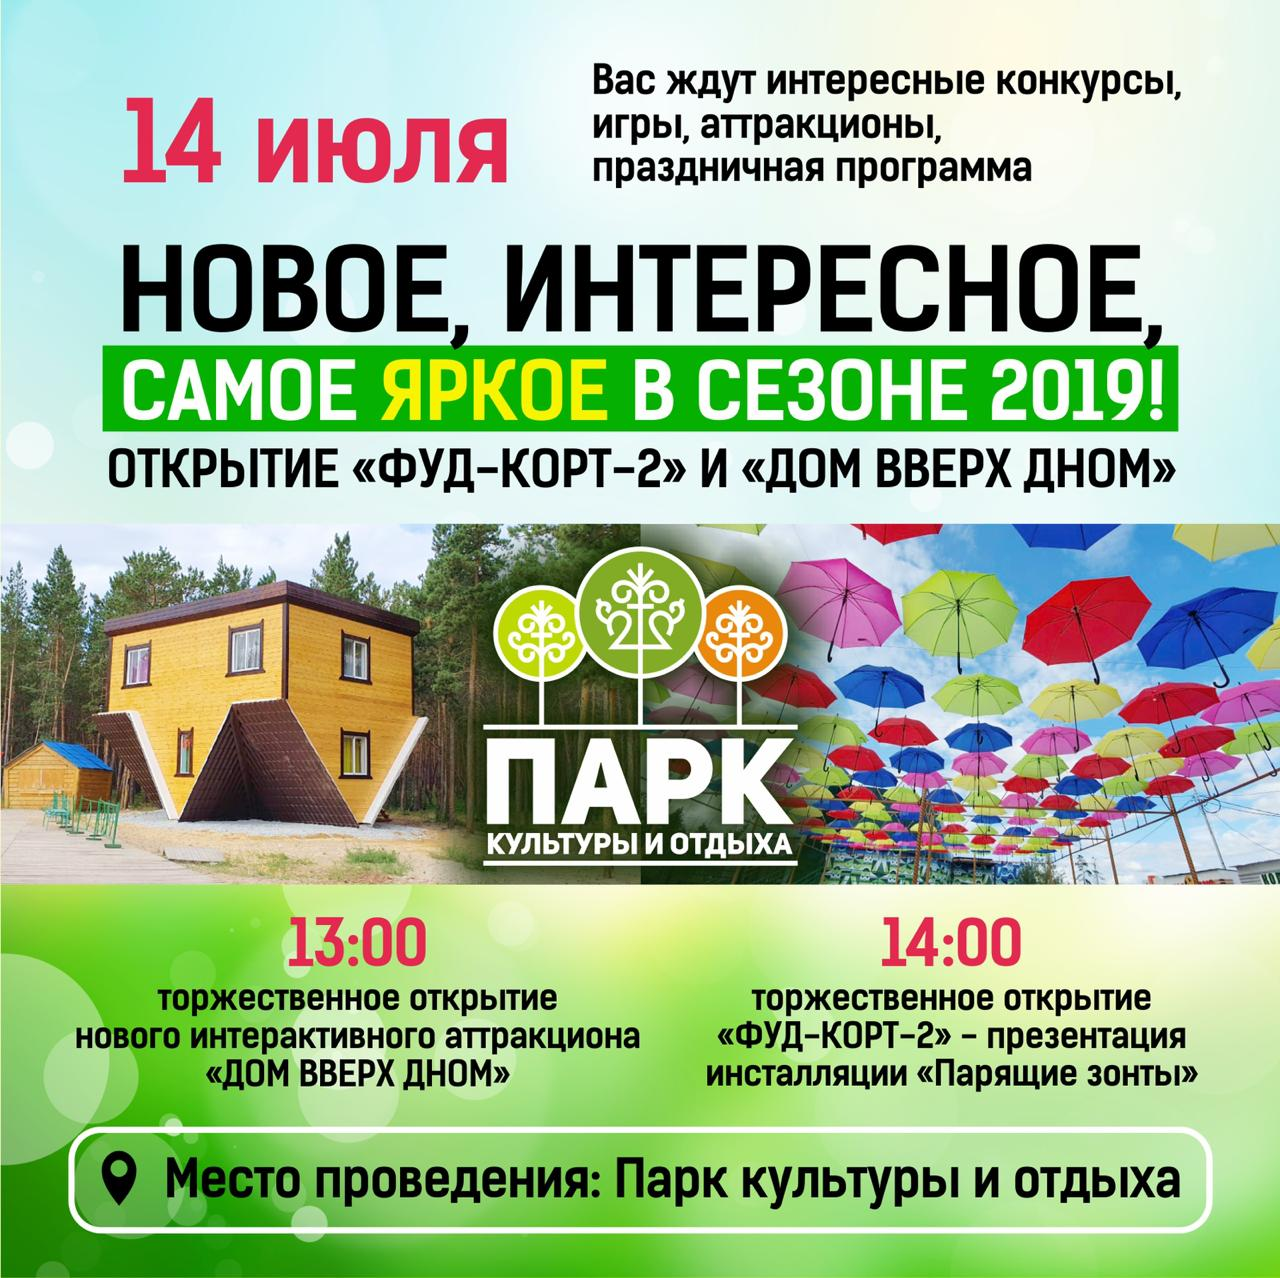 В городском парке Якутска появился новый аттракцион «Дом вверх дном»